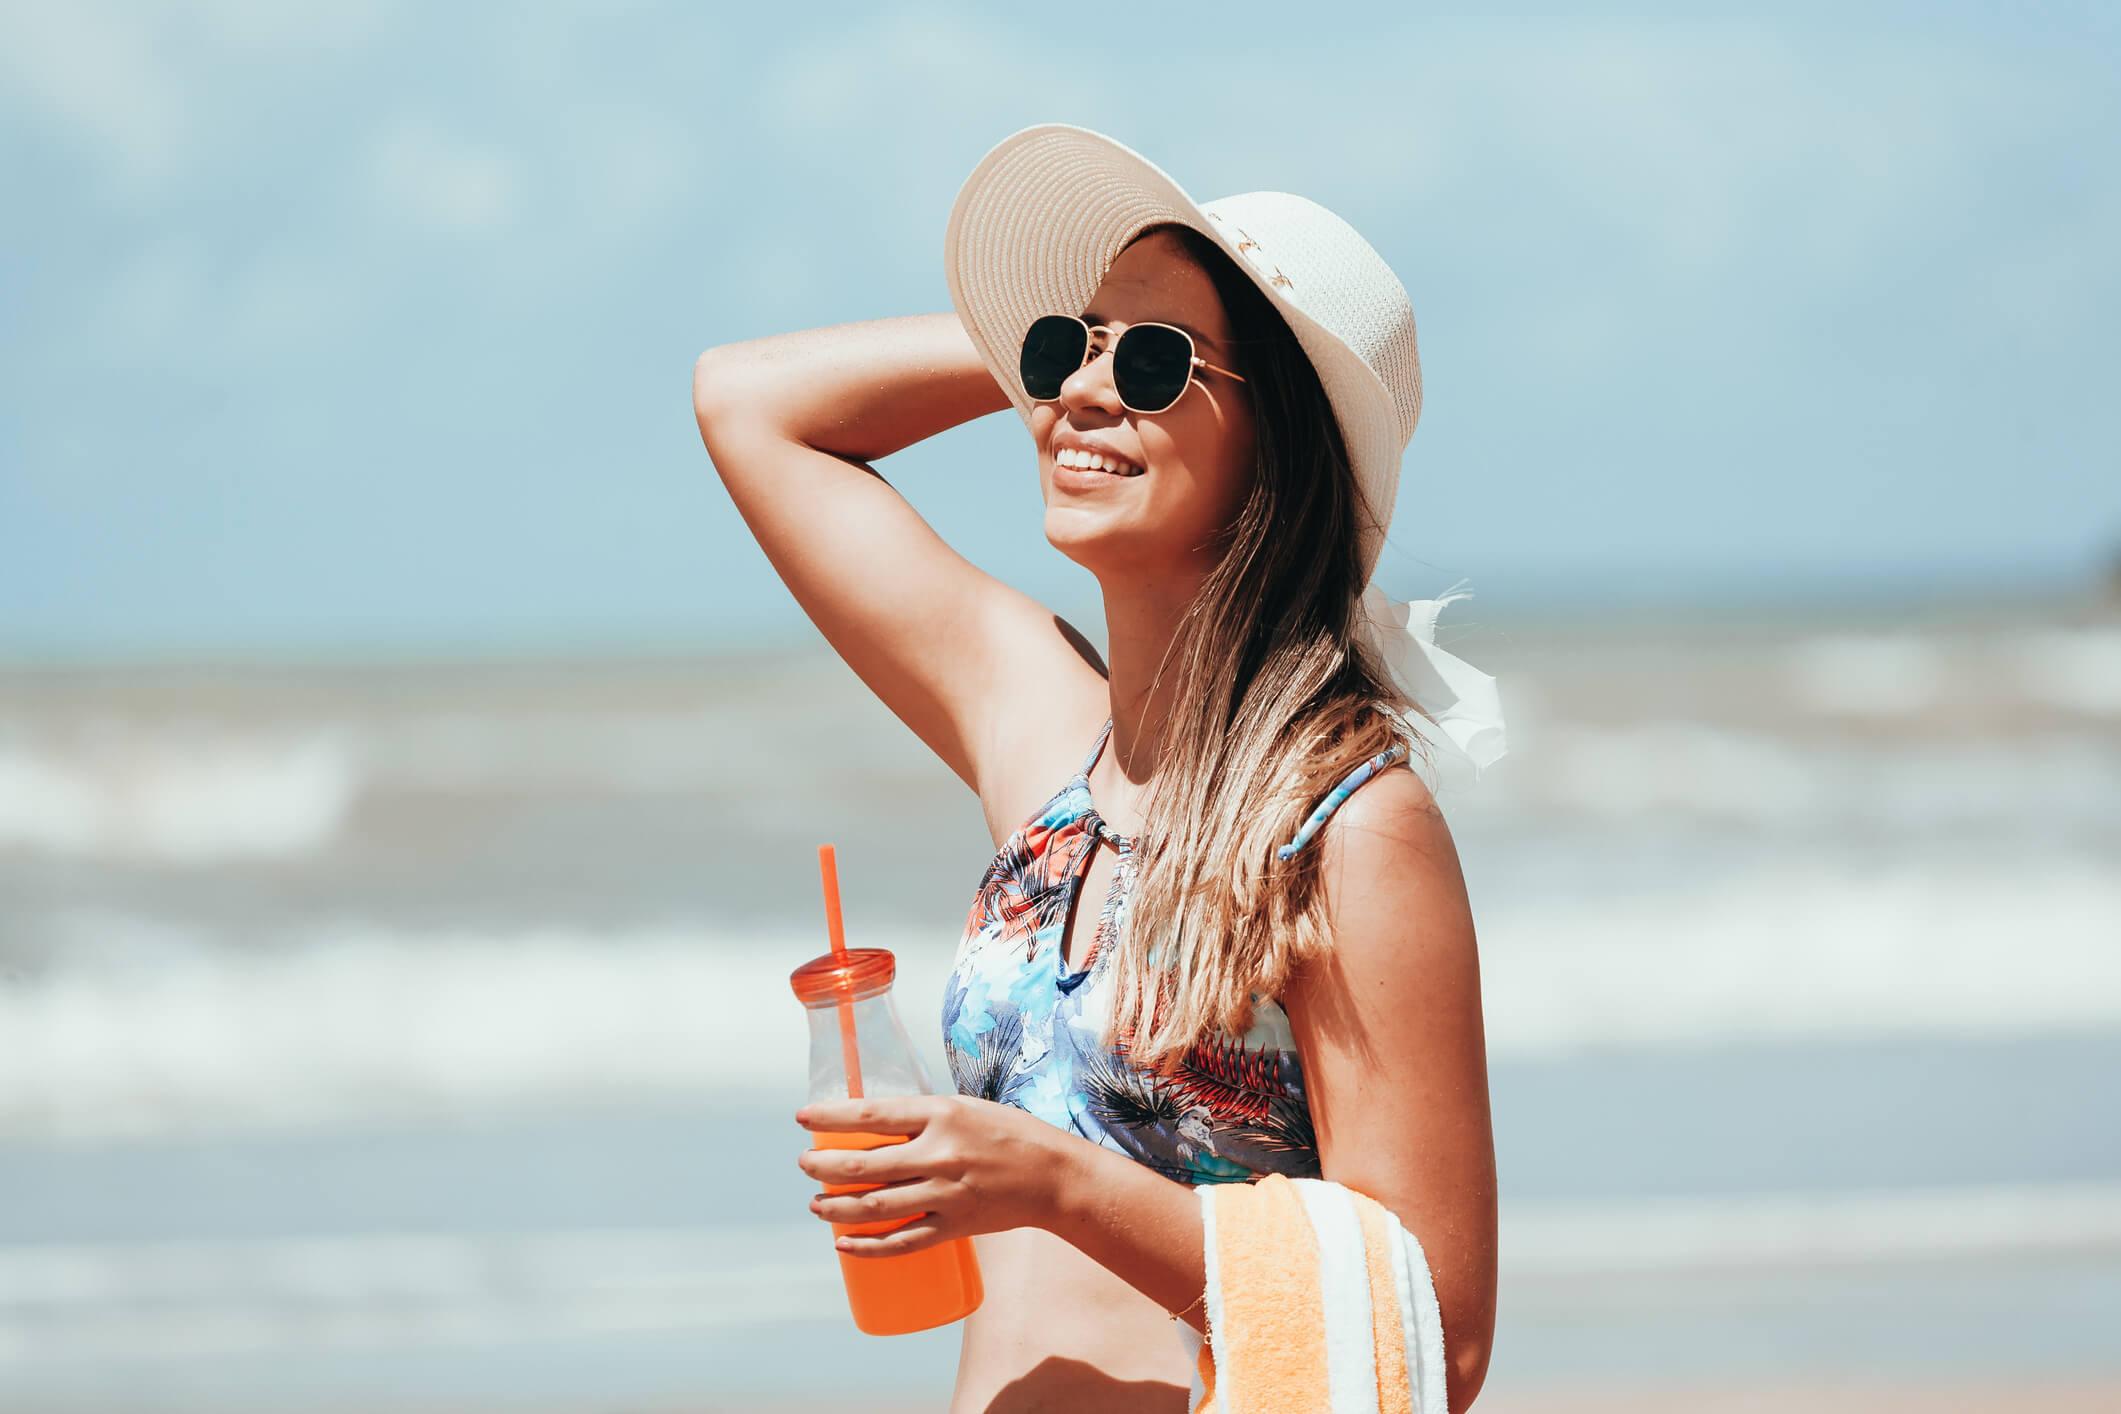 Imagem de mulher com óculos de sol com lentes polarizadas